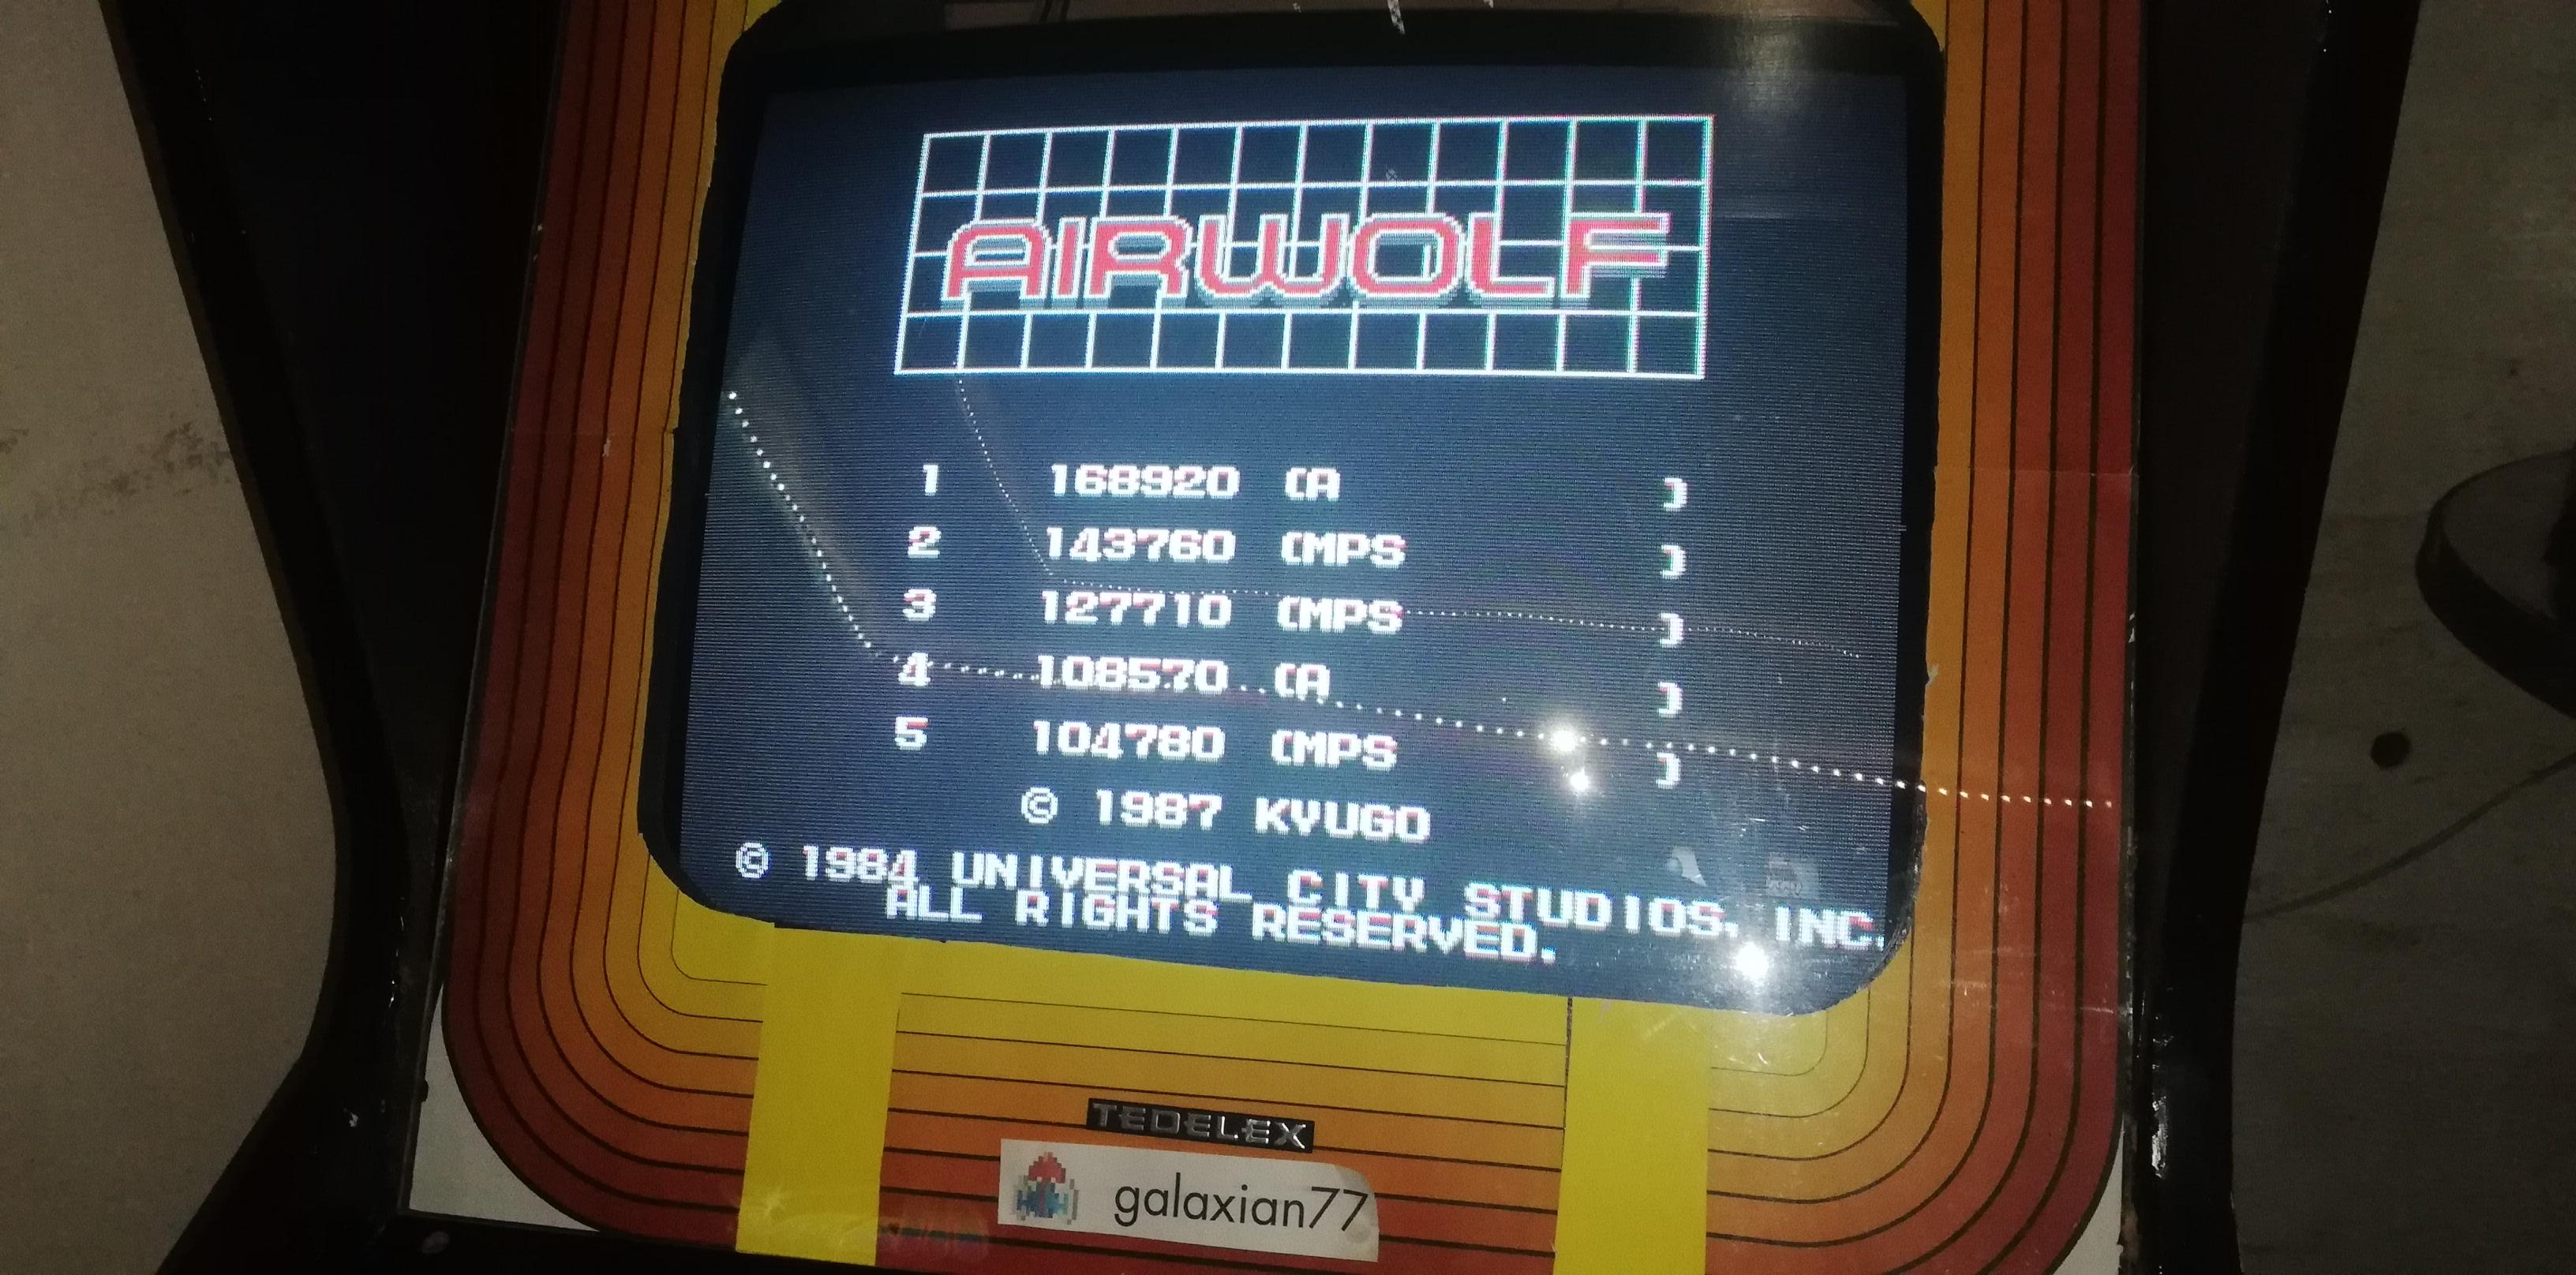 Airwolf [airwolf] 168,920 points